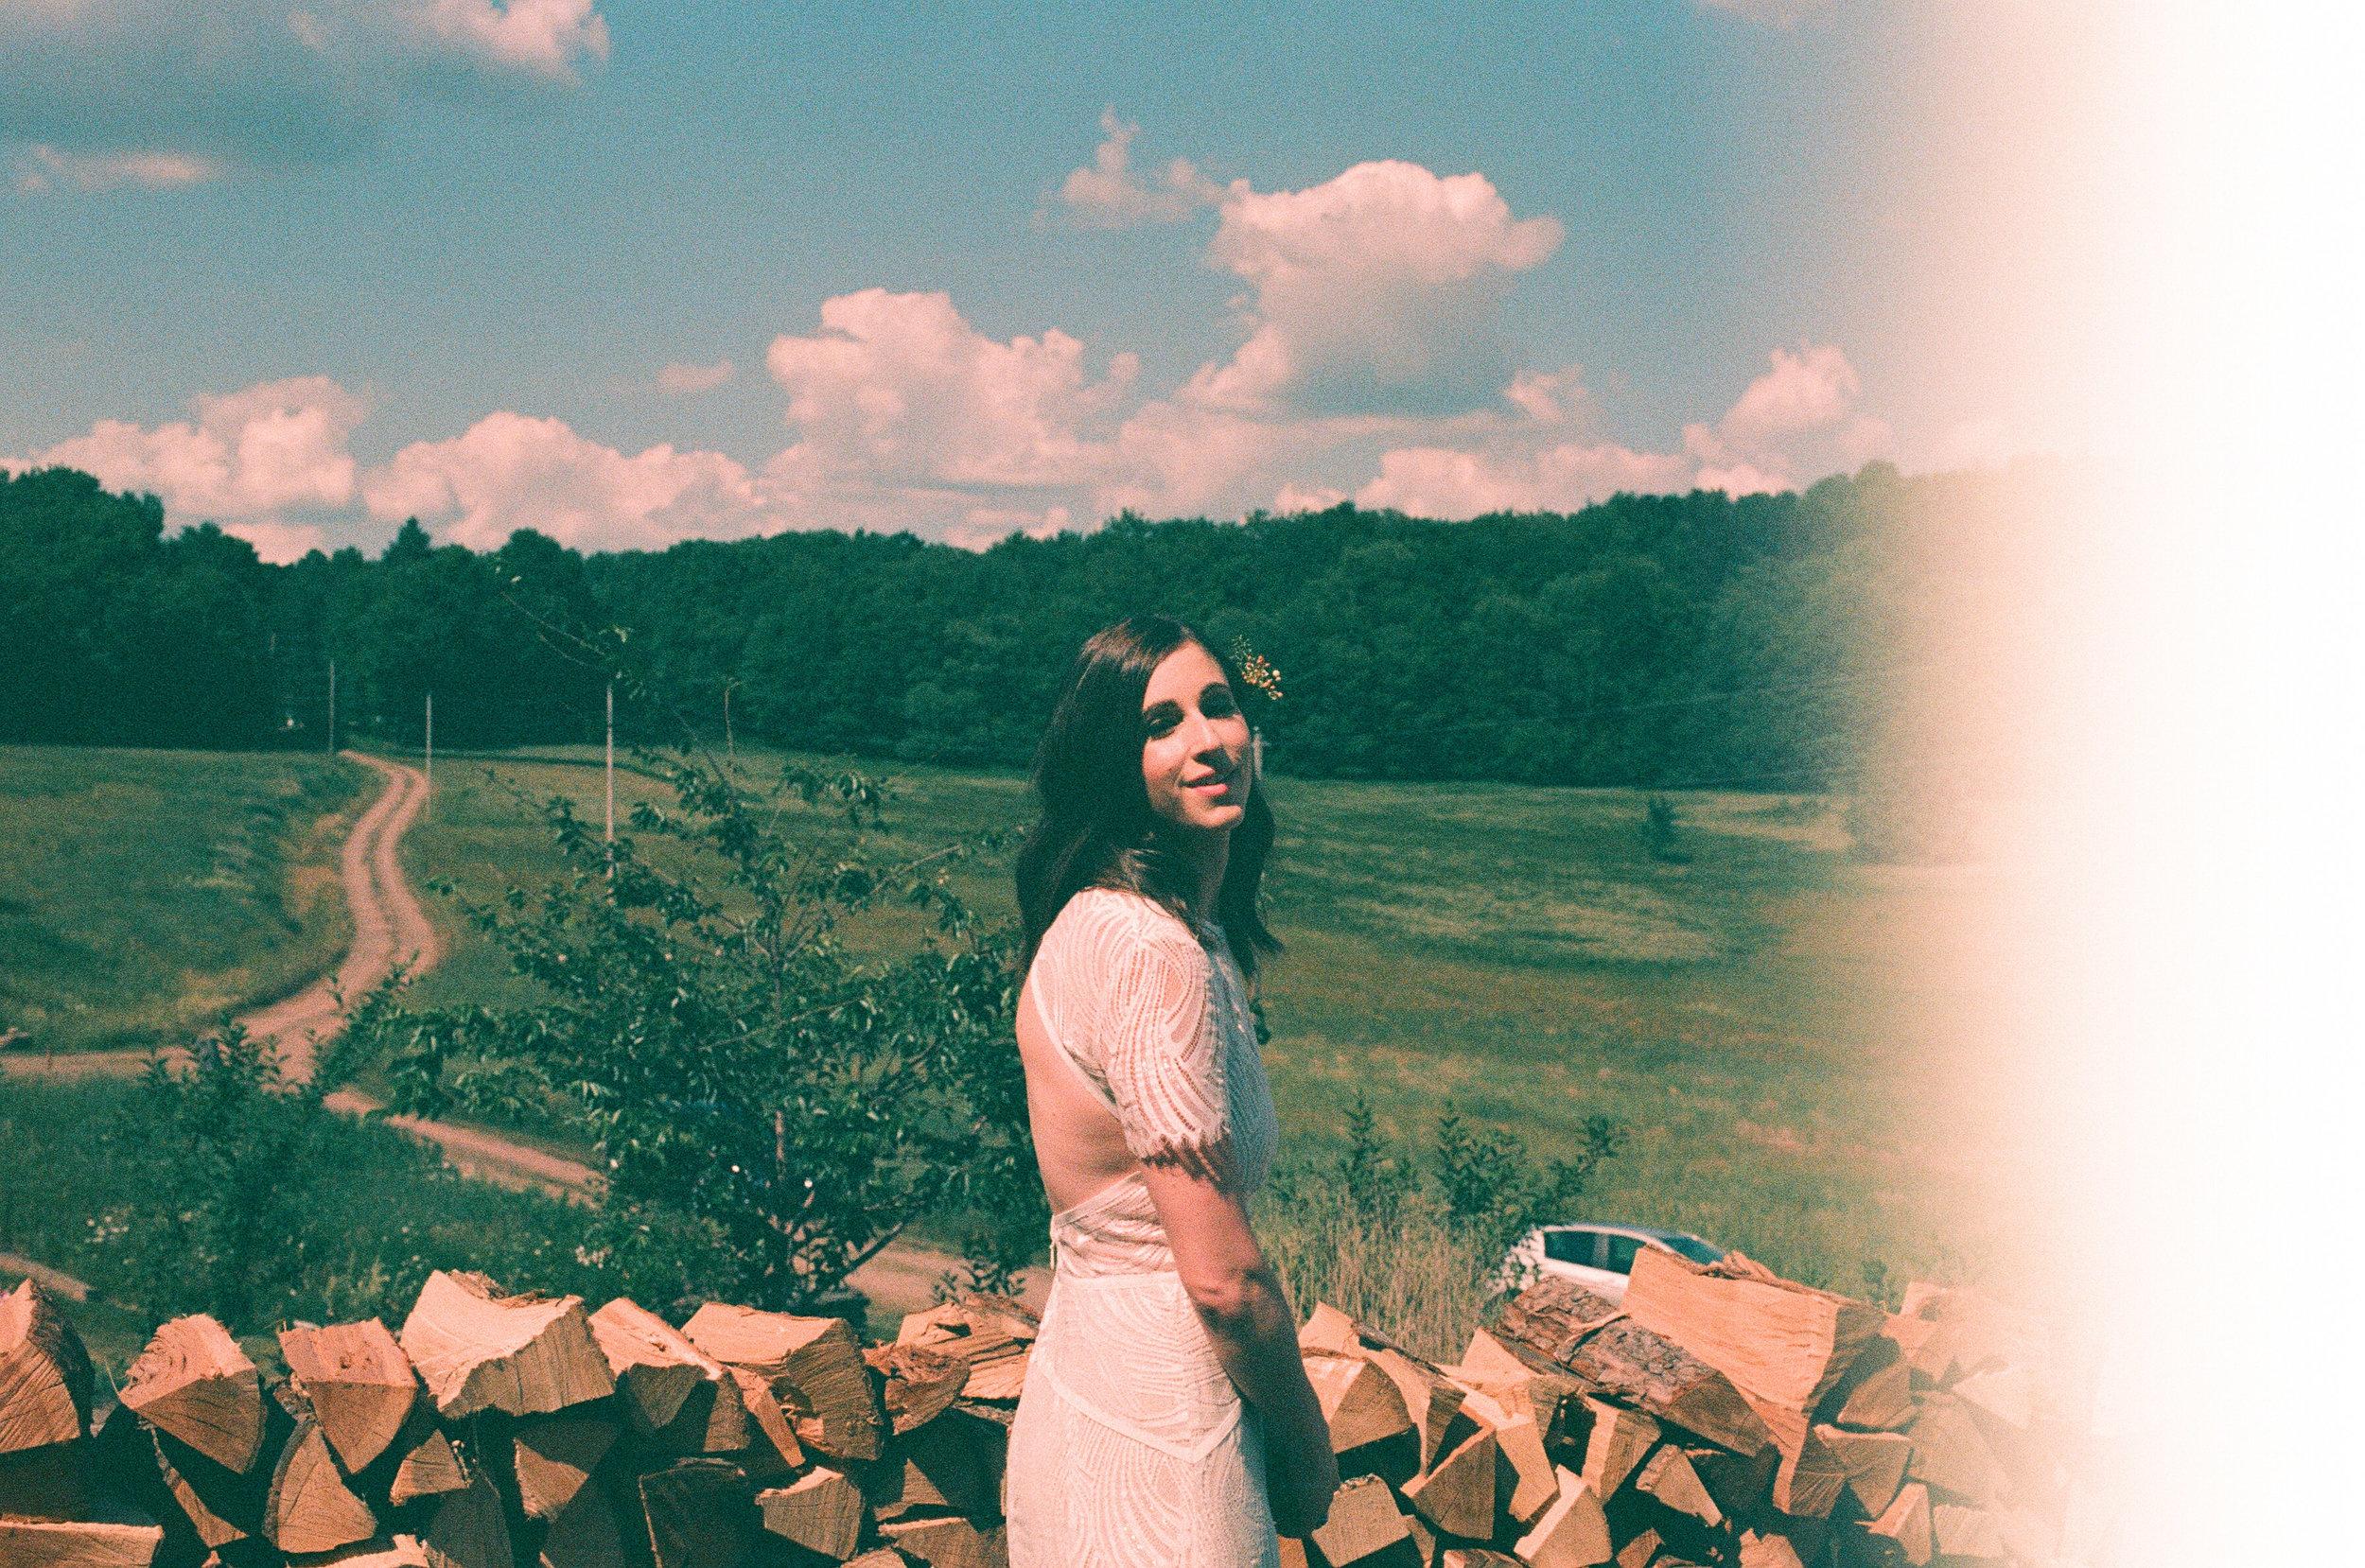 mapleshade_farm_wedding_35mm-4005.jpg